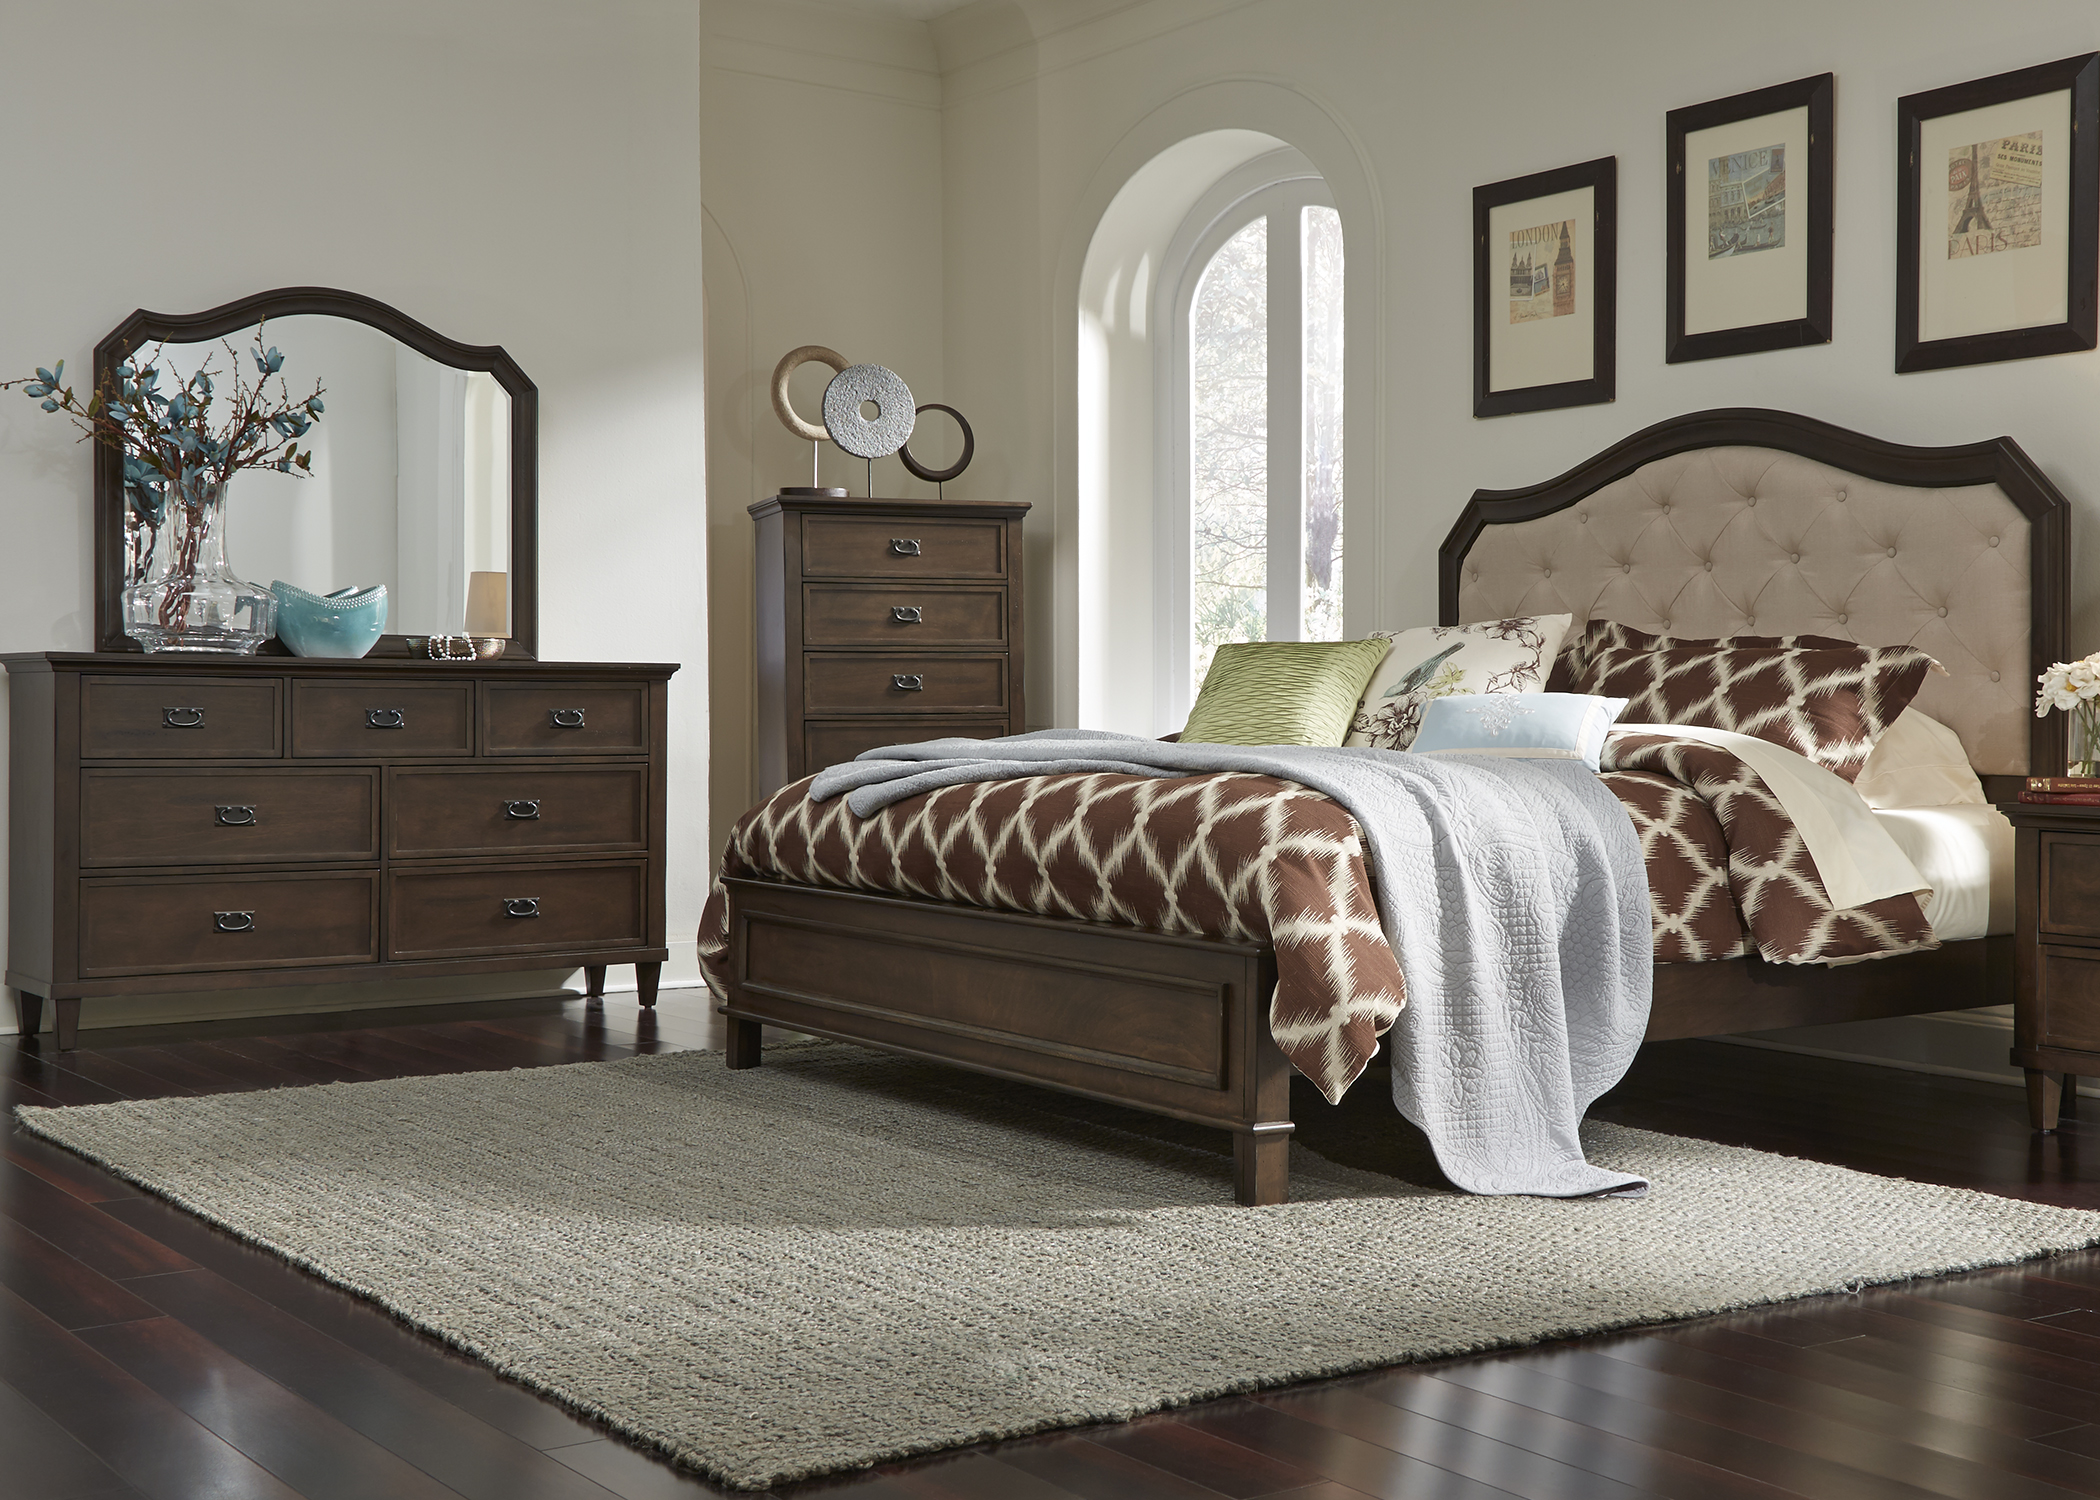 Liberty Furniture Berkley Heights Bedroom Collection